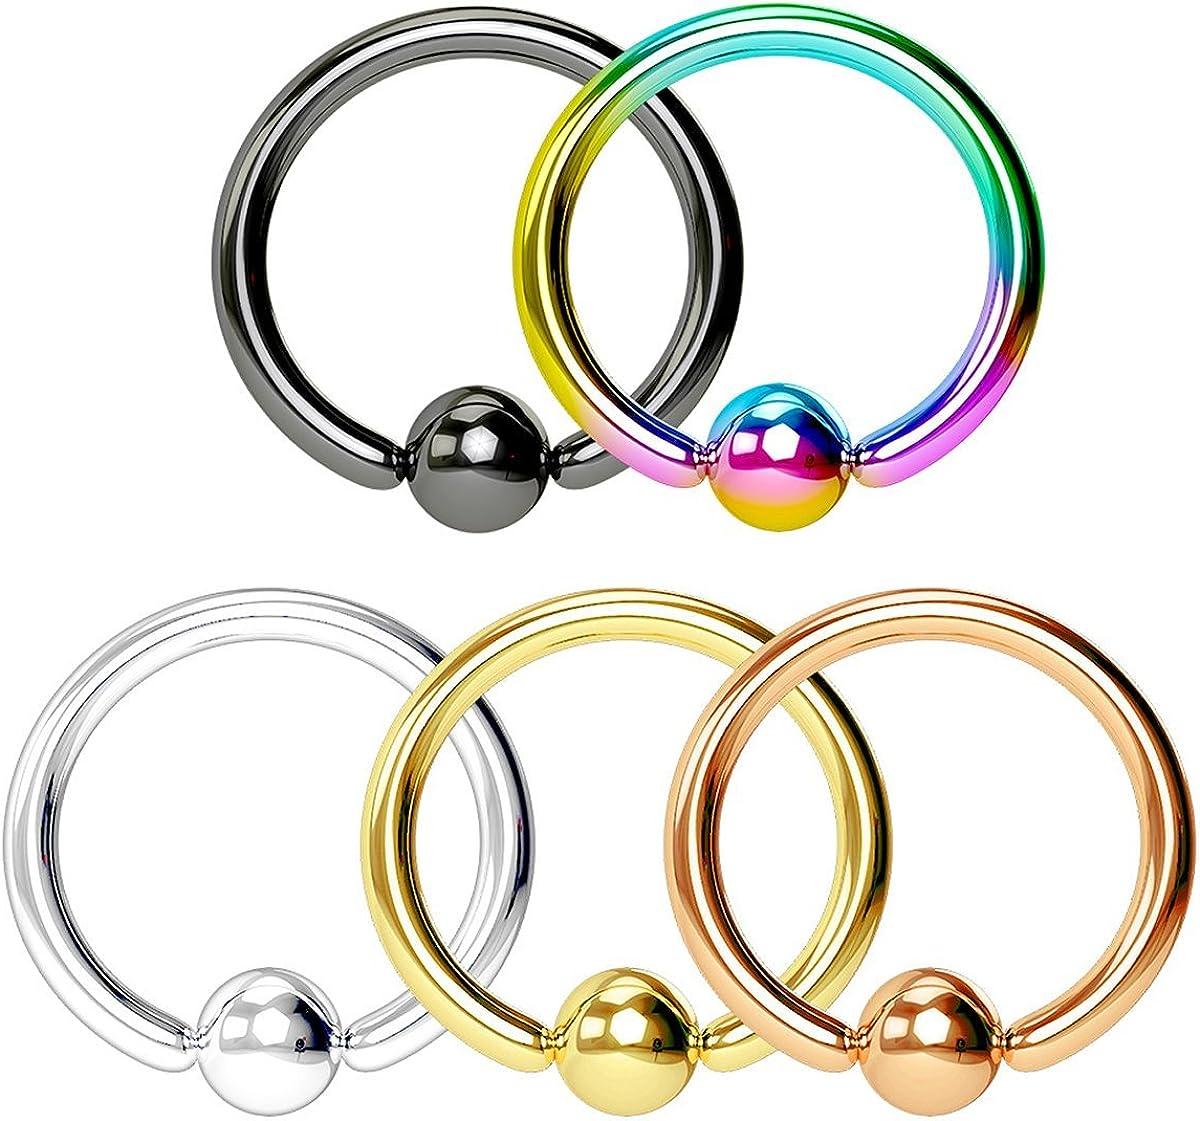 Super Value 5-Pack: 14-20g Surgical Steel Multi Color CBR Body Piercing Hoops (Plain or CZ Gemmed Balls)